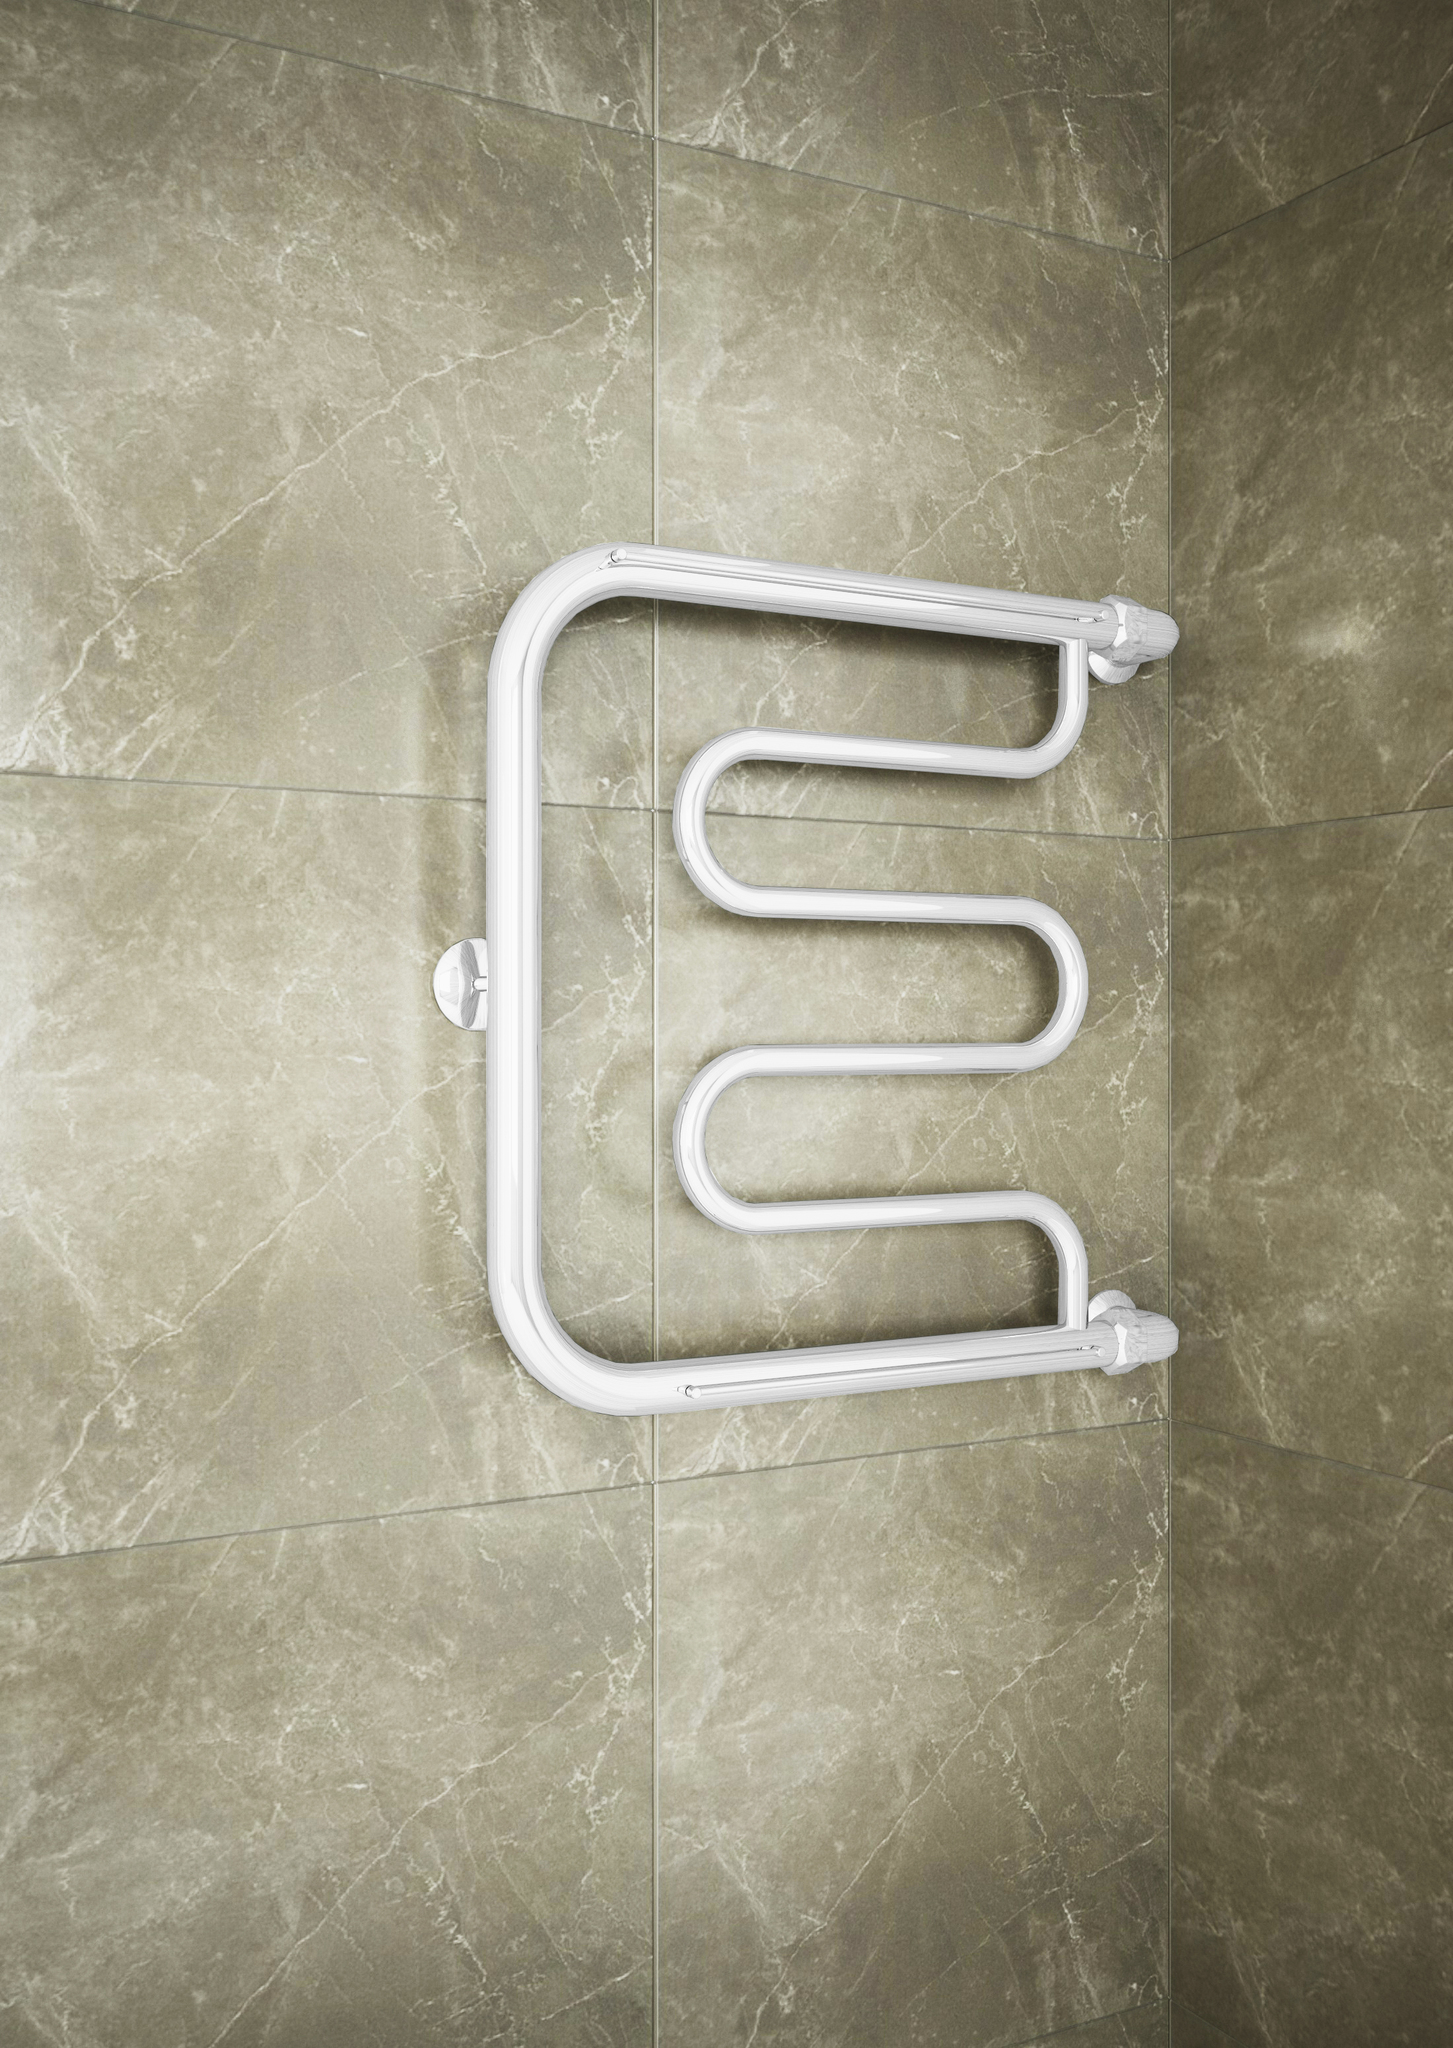 Foxtrot  White - водяной полотенцесушитель  с боковым подключением белого цвета.